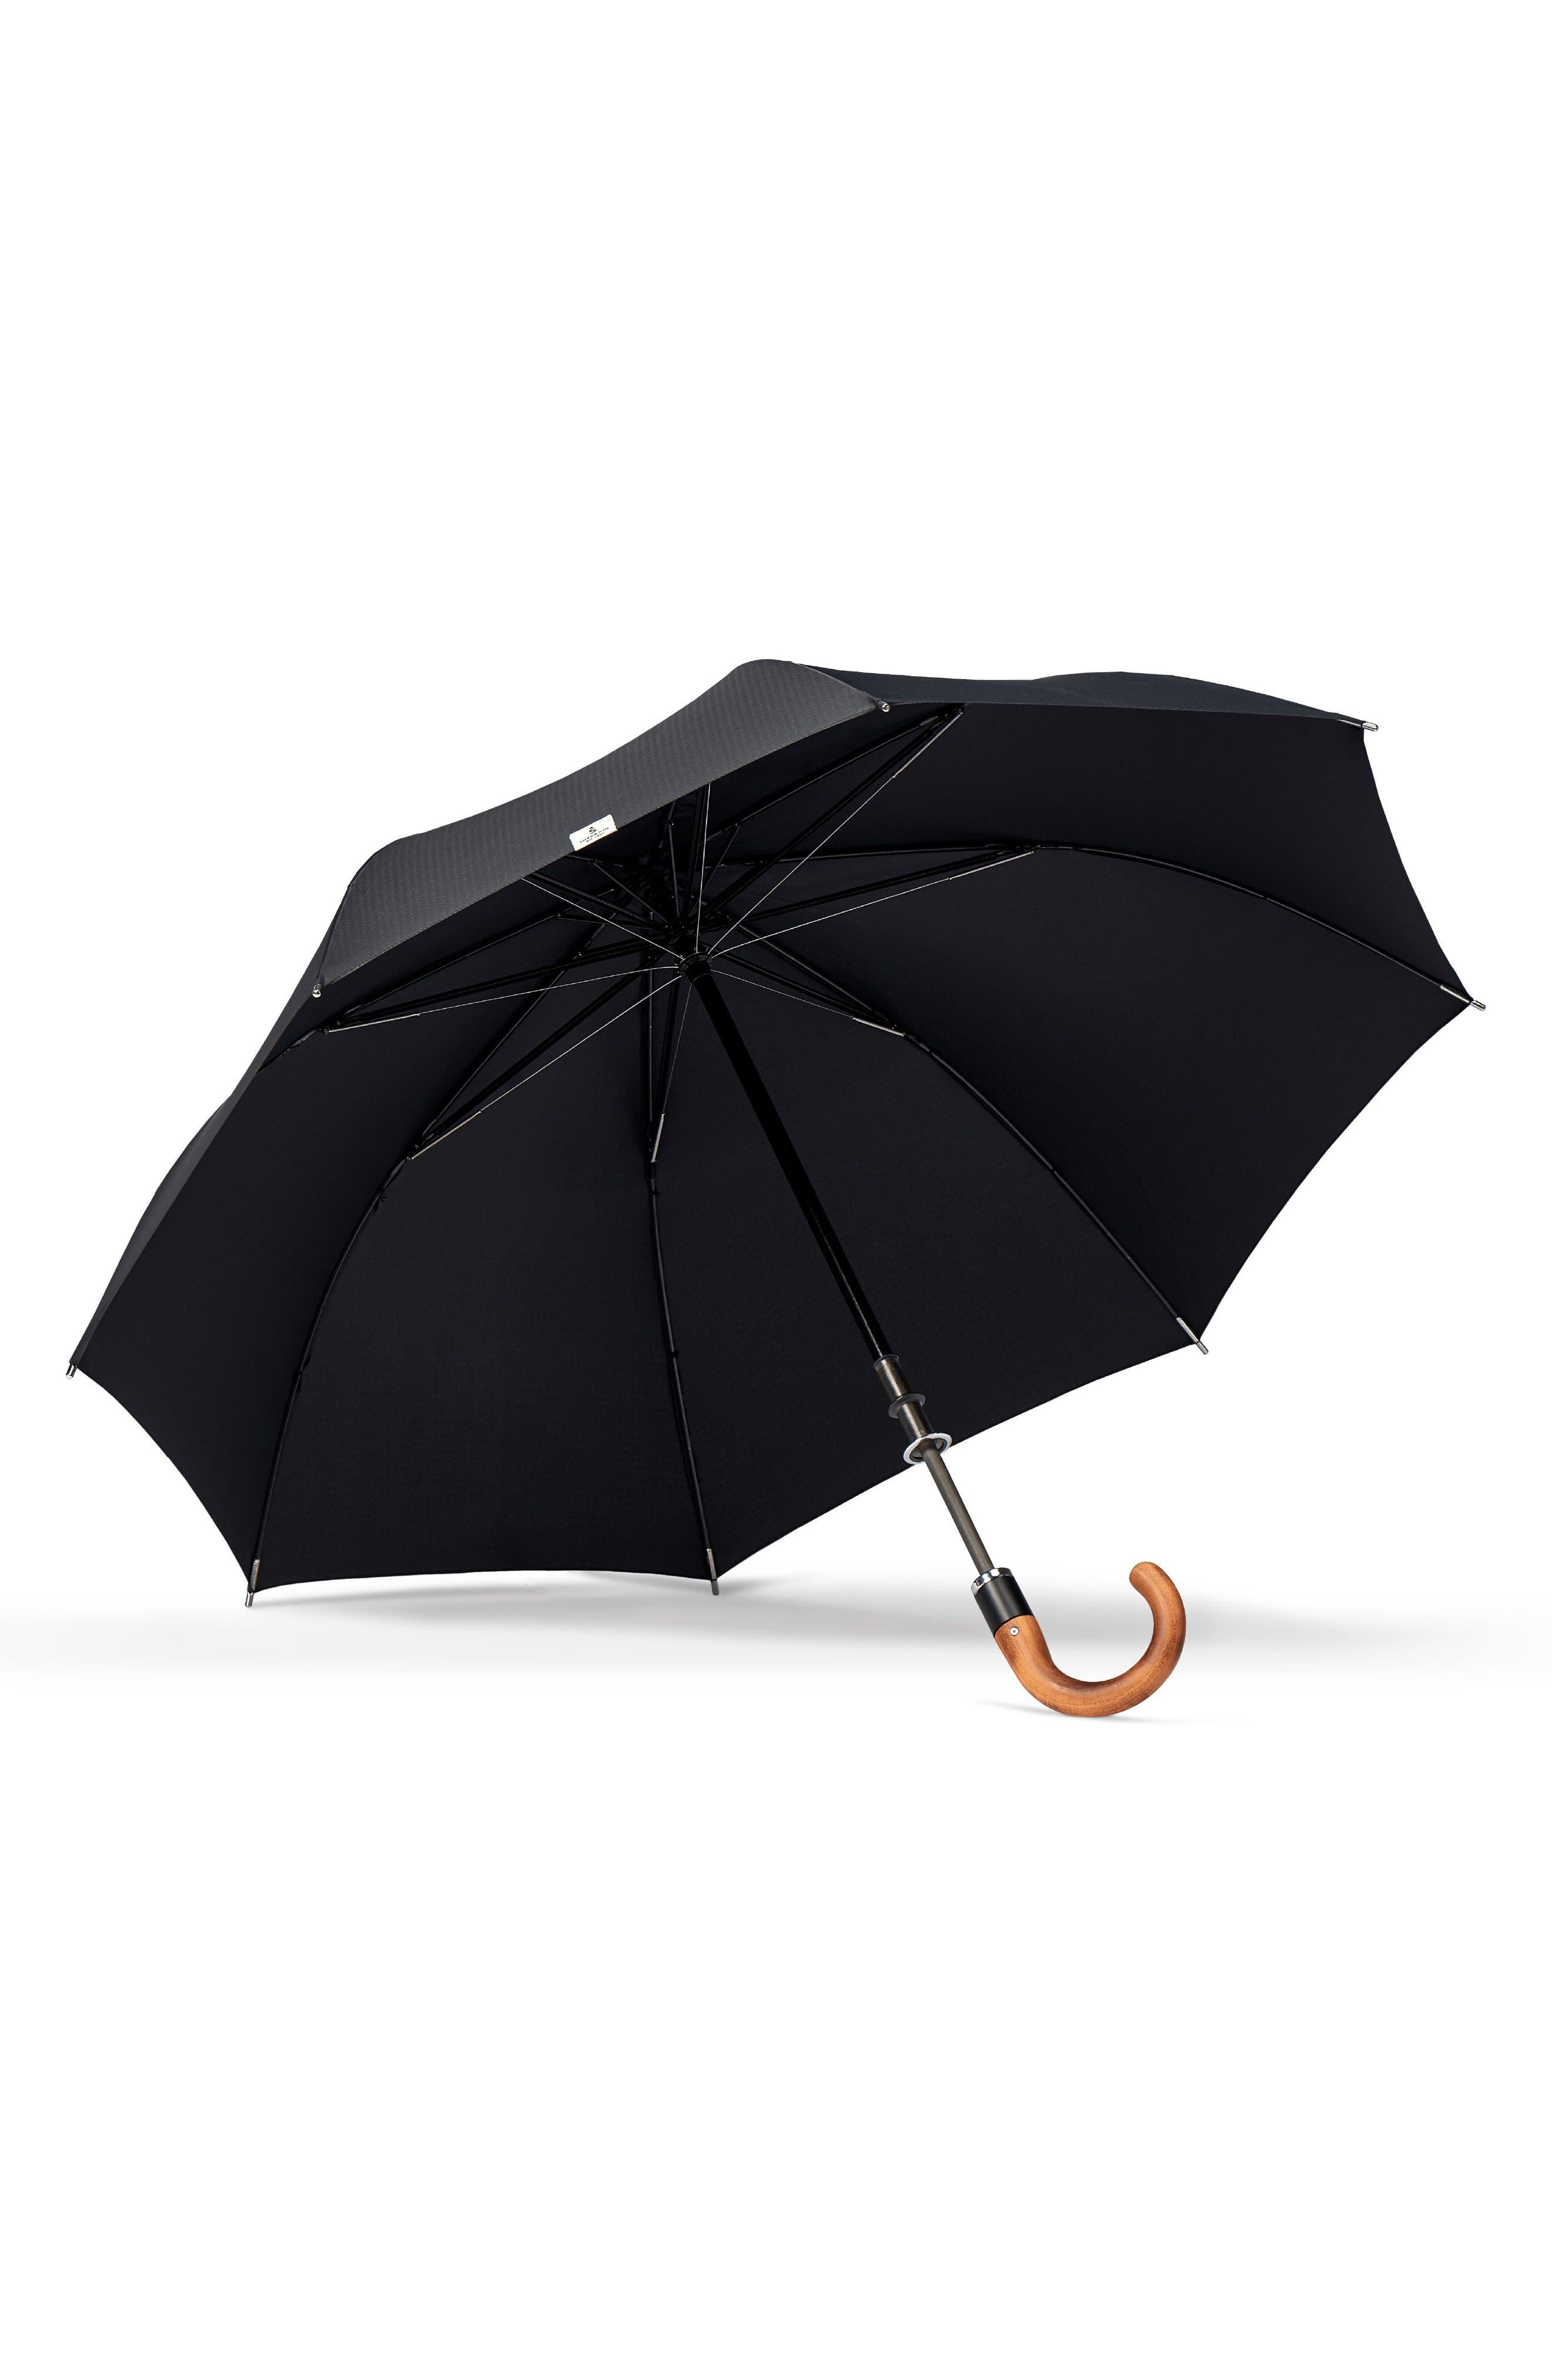 Stratus Auto Open Stick Umbrella,                             Alternate thumbnail 2, color,                             BLACK